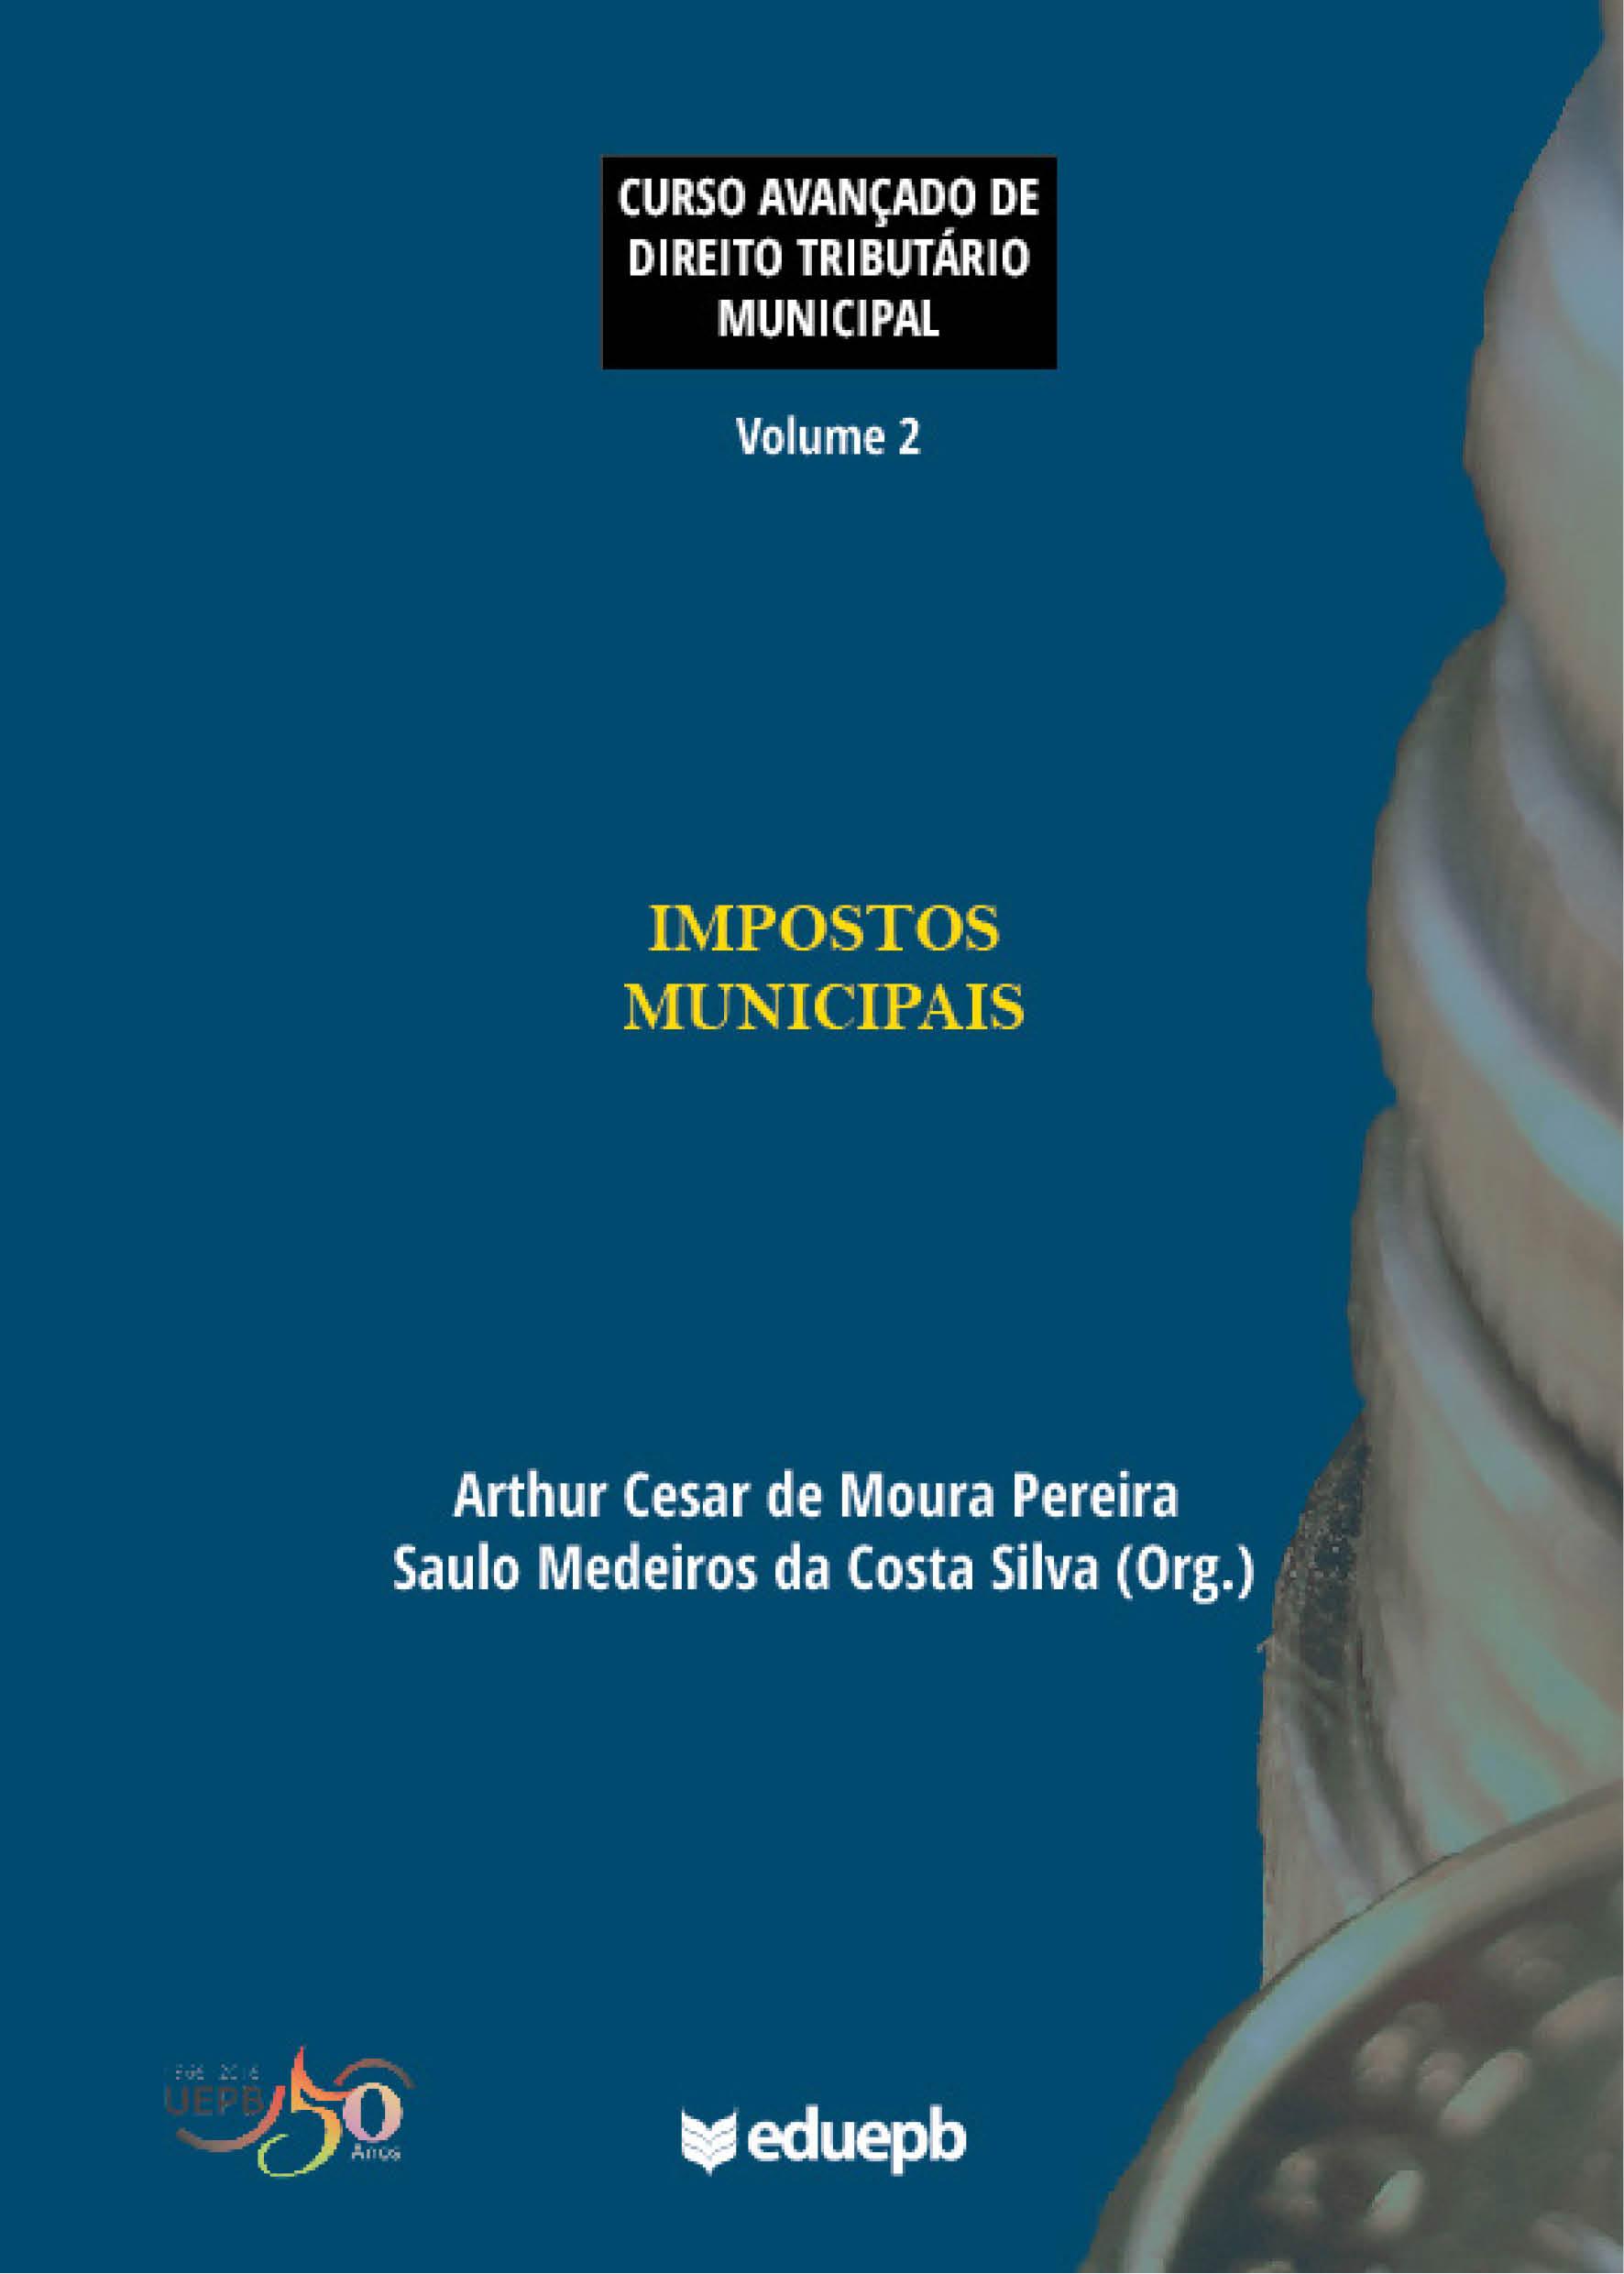 Curso avançado de direito tributário municipal - Volume 2